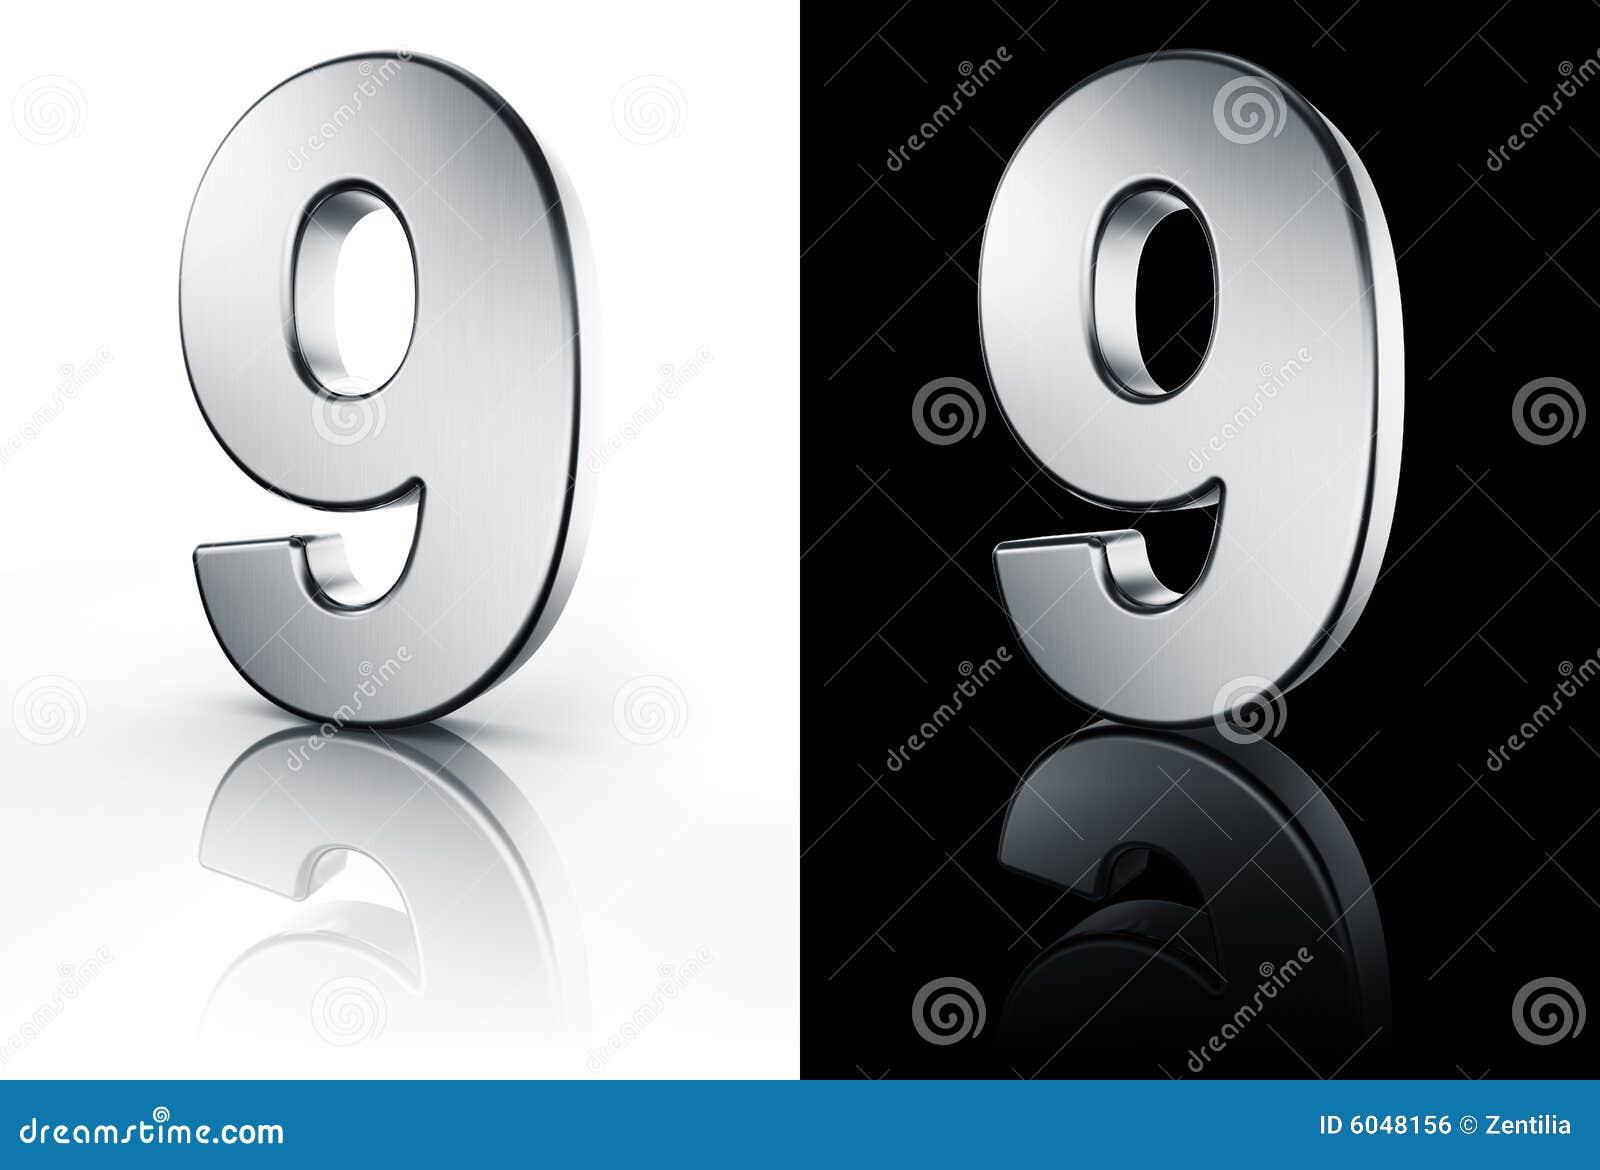 El n mero 9 en el suelo blanco y negro imagen de archivo for Suelo 3d blanco